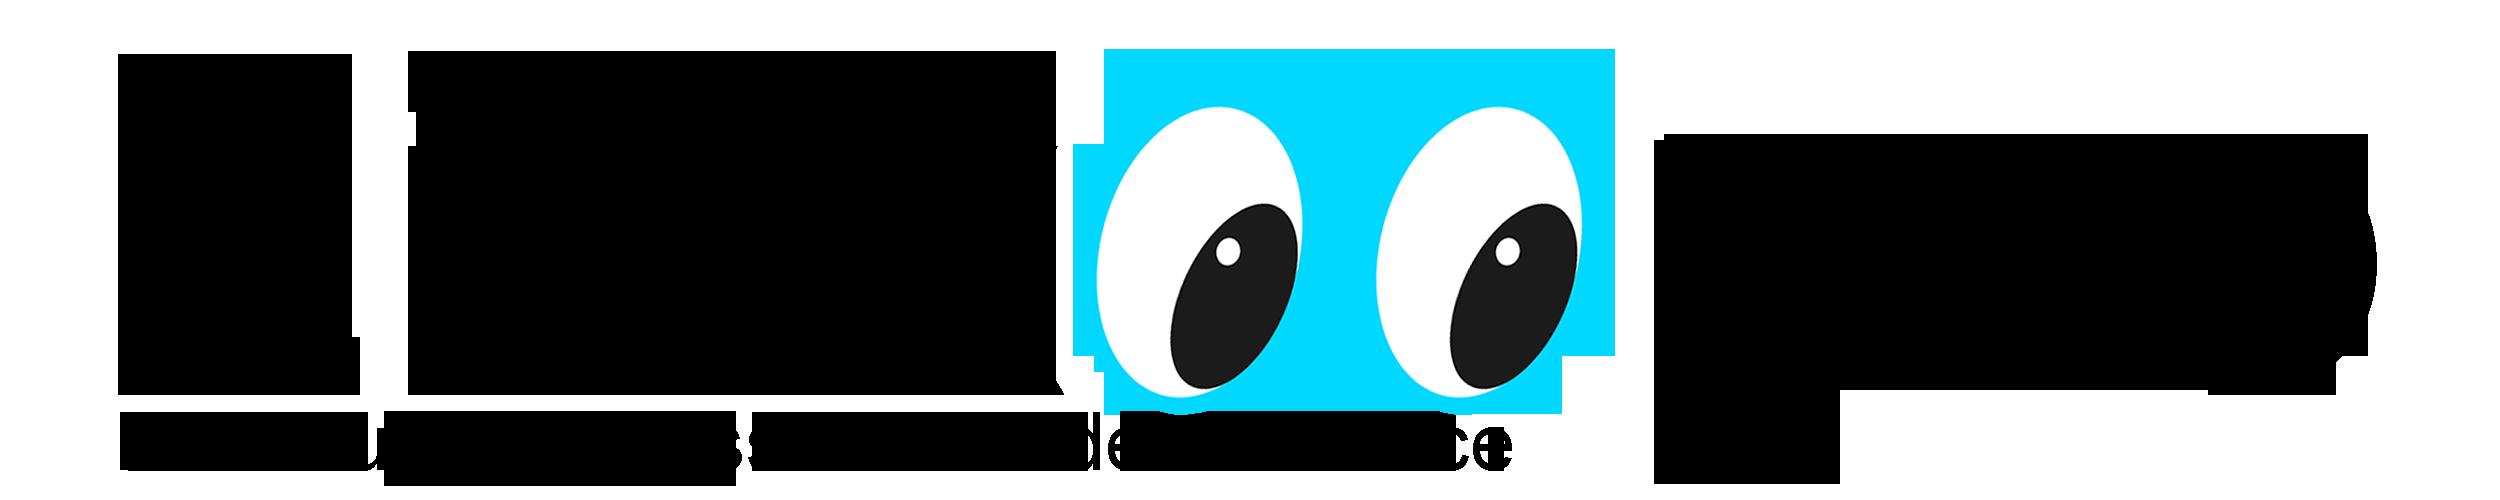 Linkoopro, votre réseau d'artisans, commerçants et services de confiance